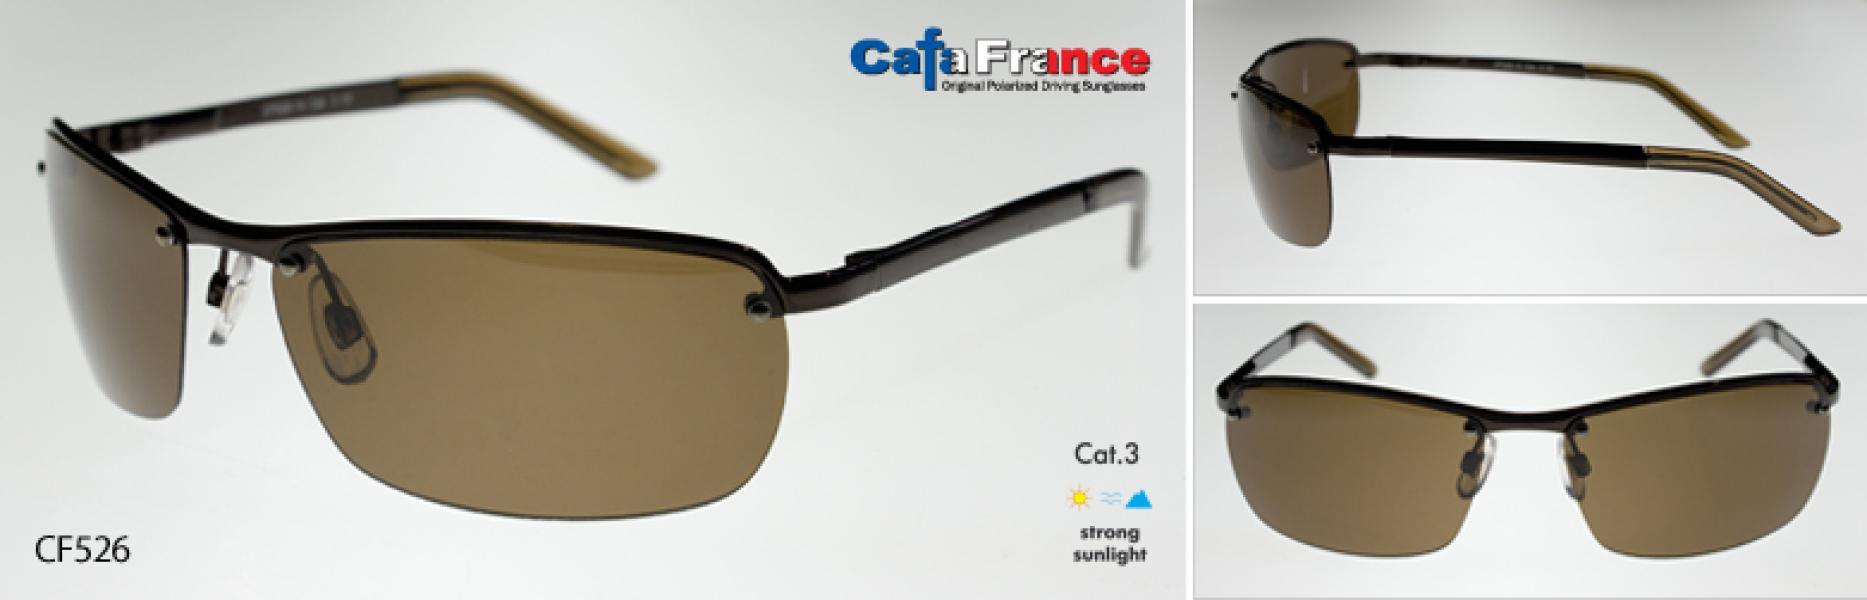 Очки поляризационные мужские Cafa France cf526